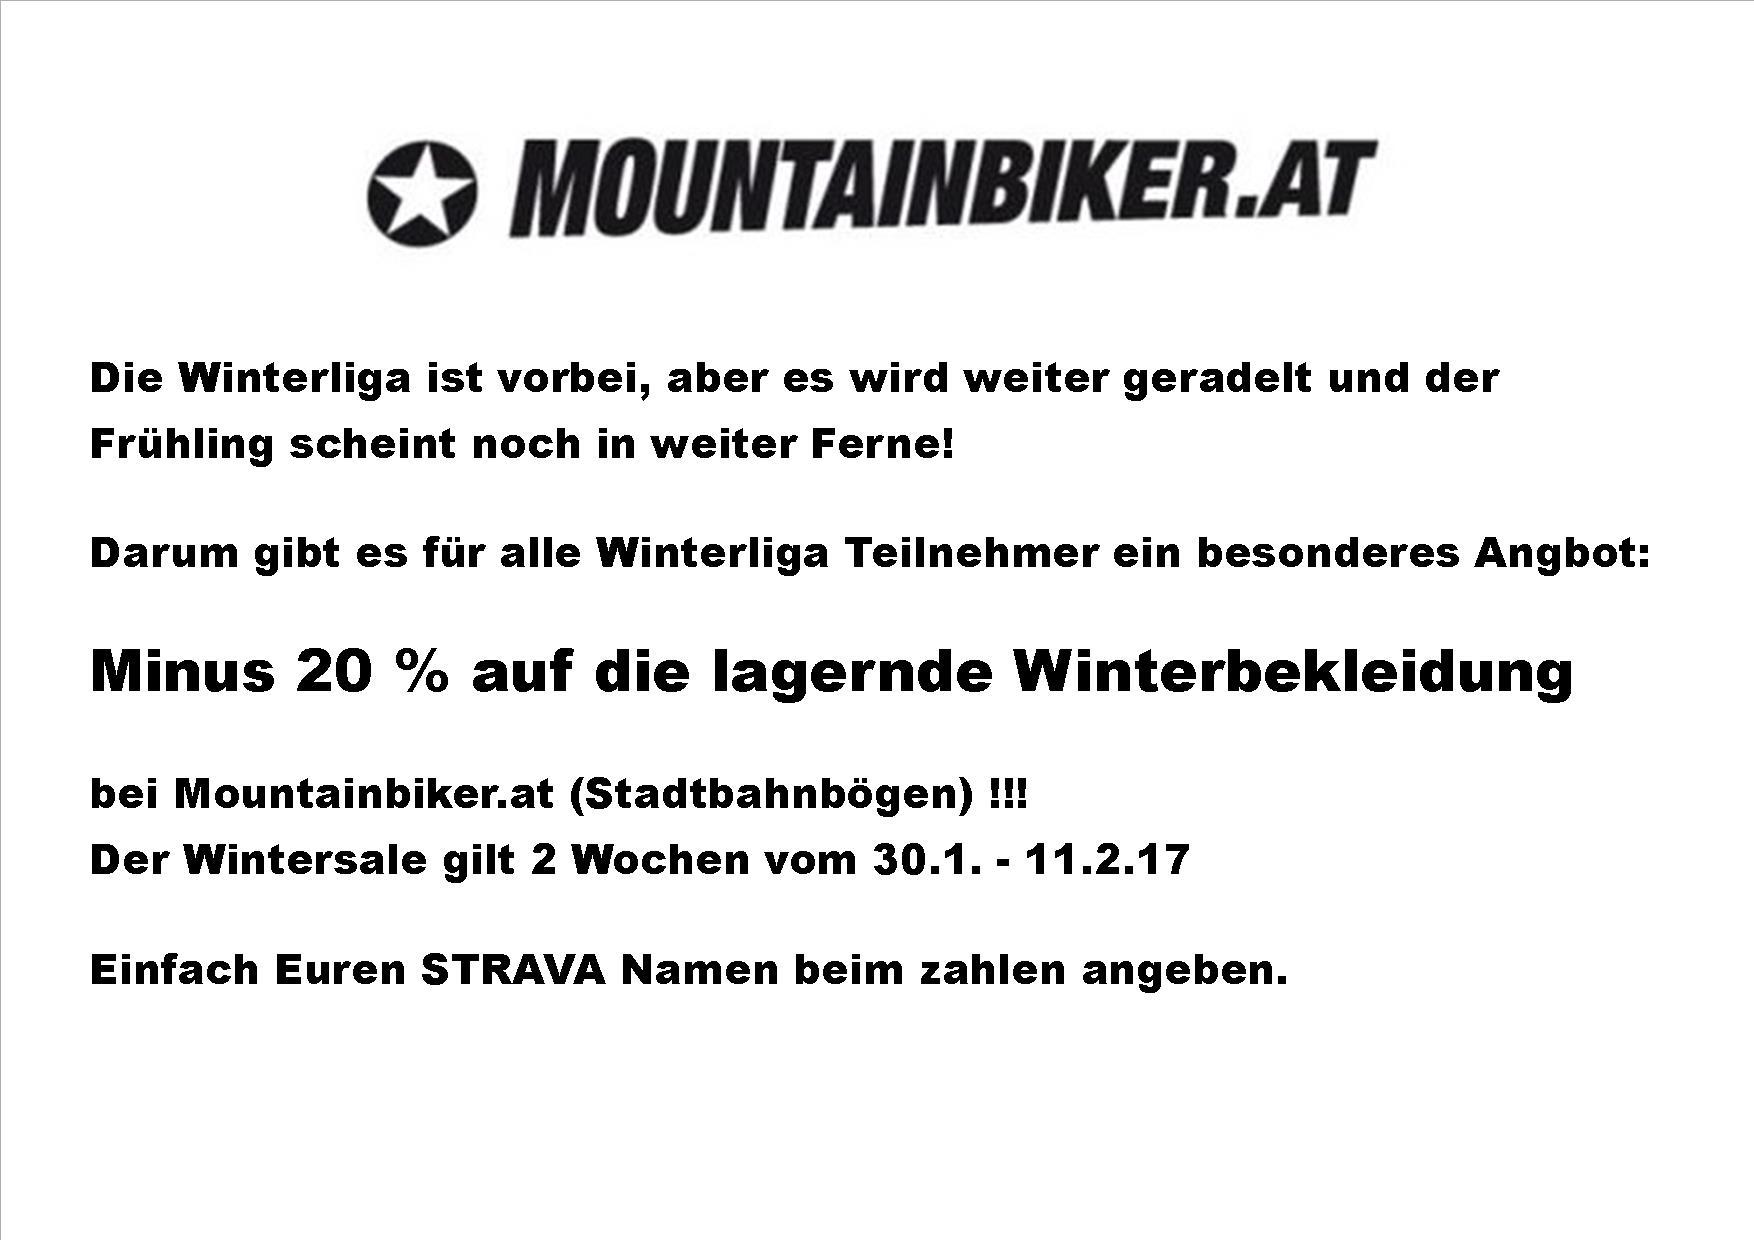 winterliga-sale-mountainbiker